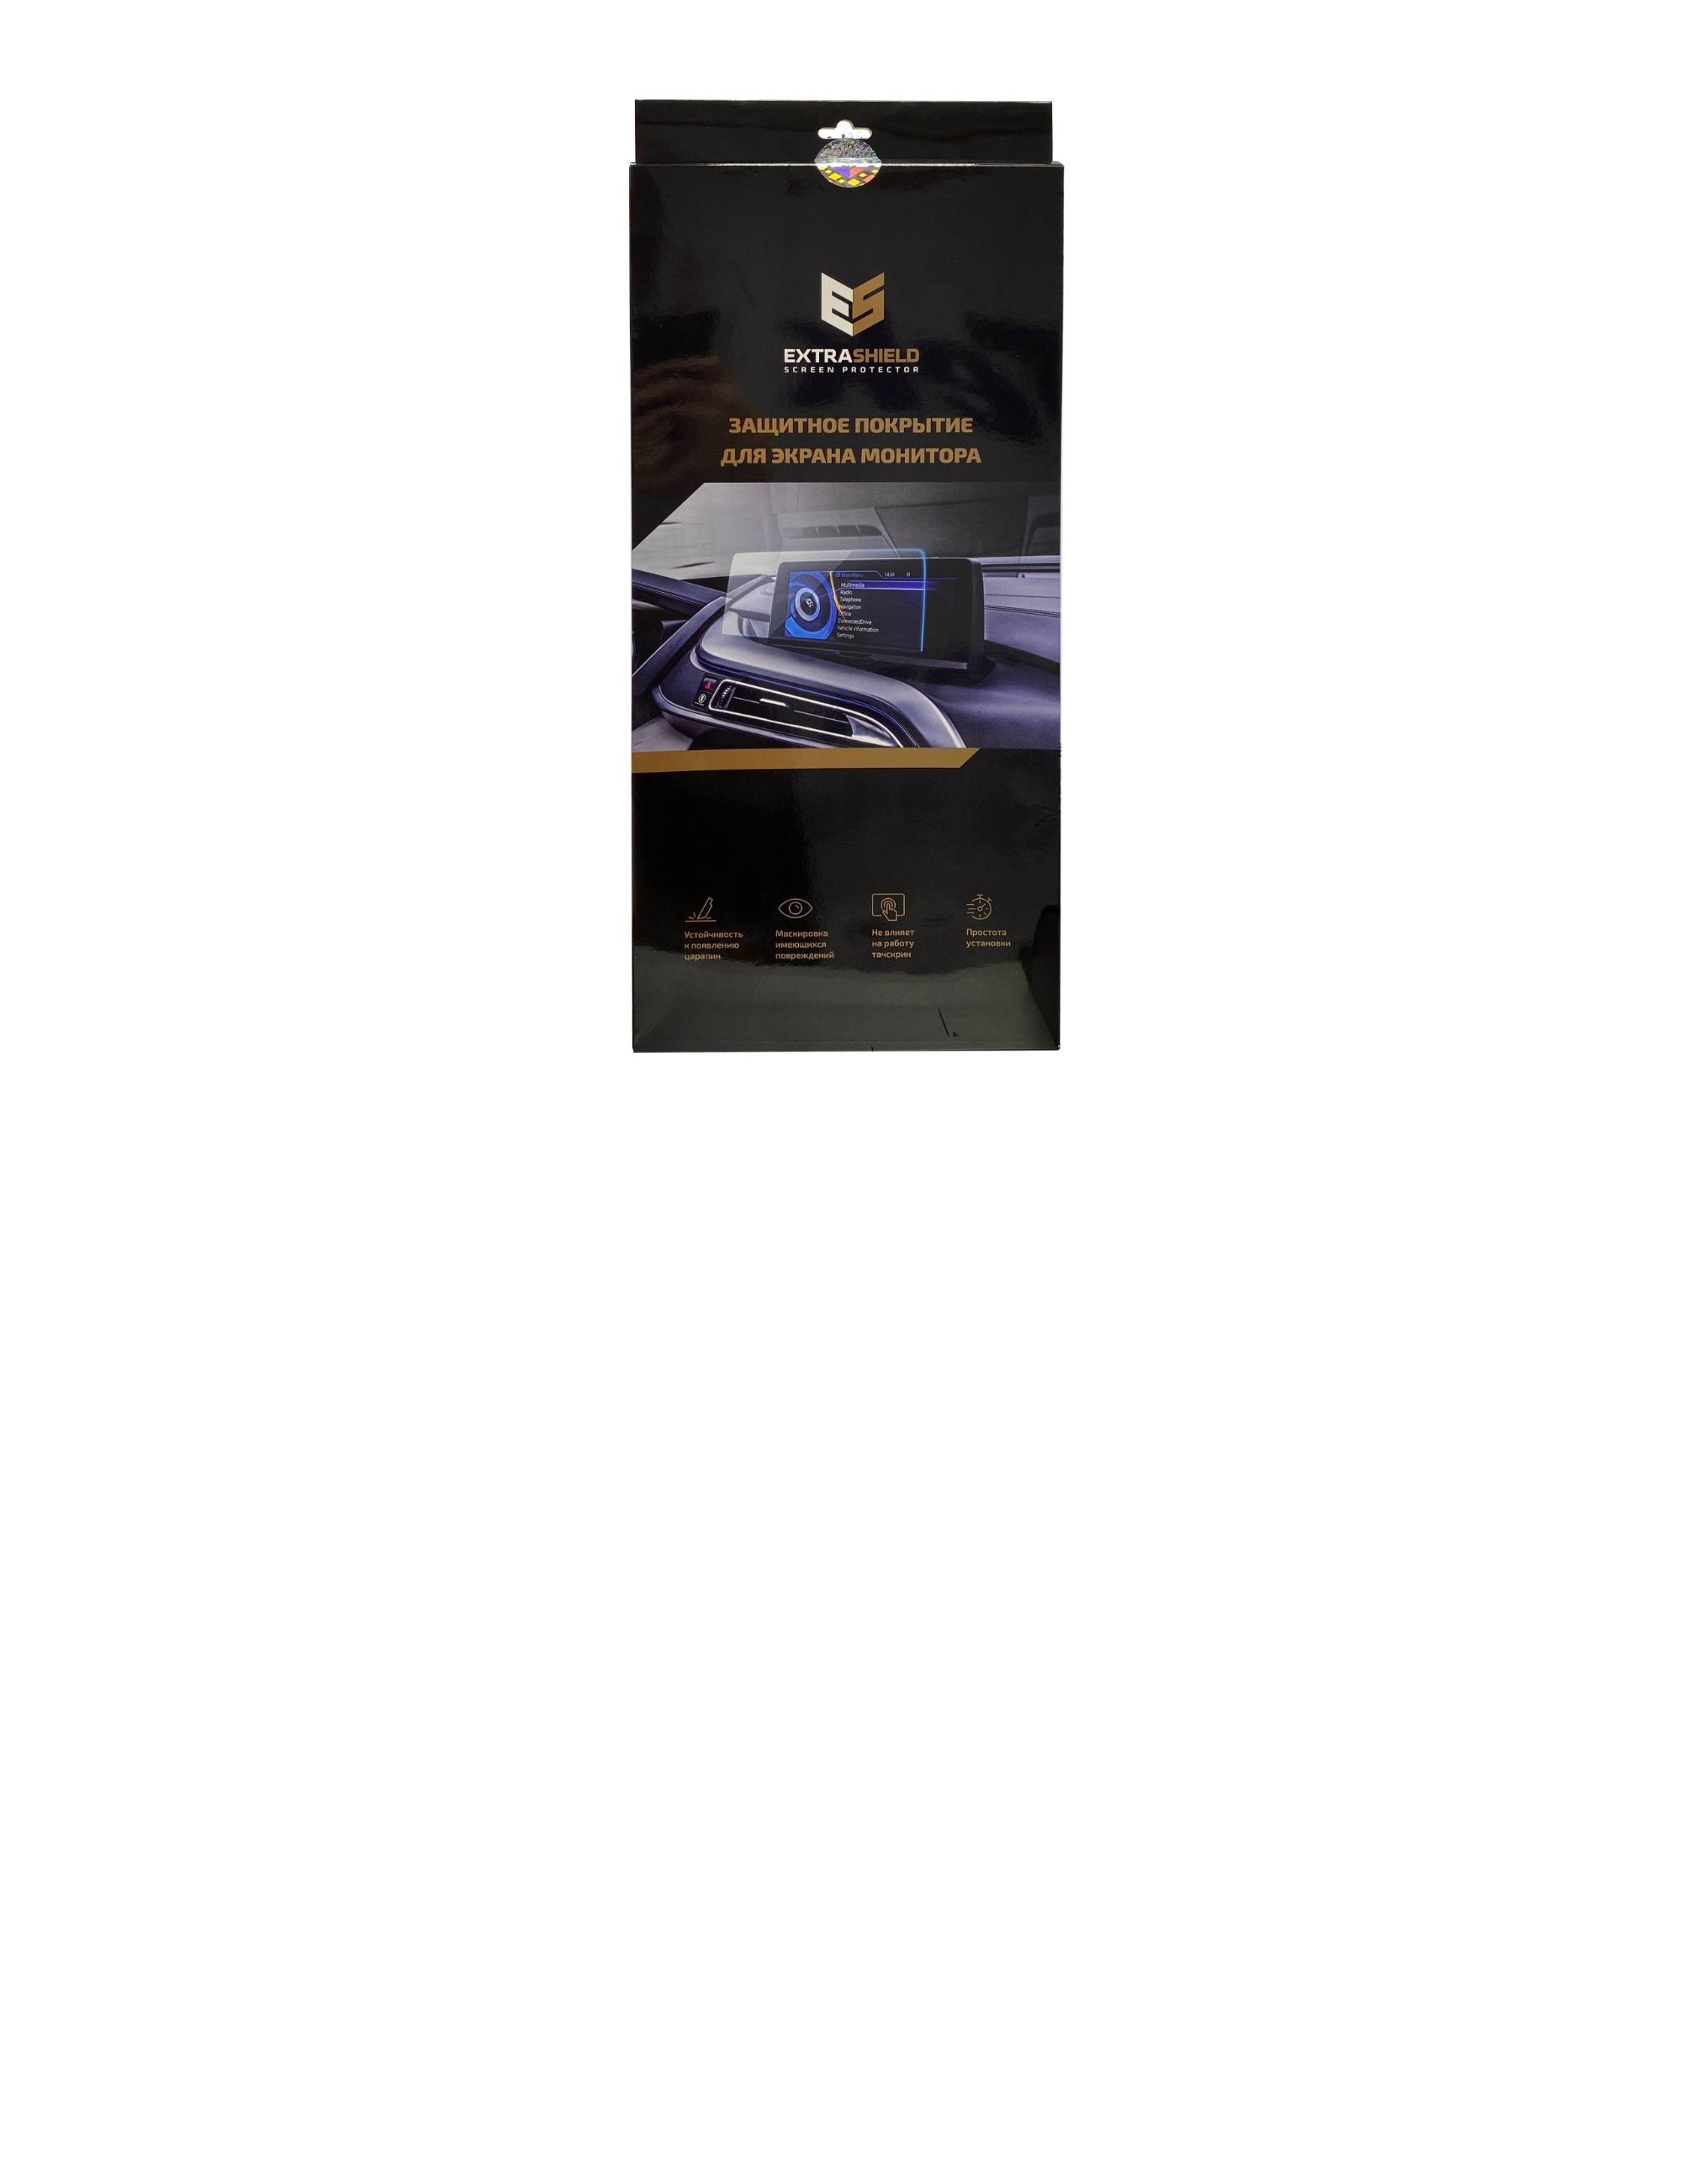 BMW 5 серия (G30/ М5) 2016 - н.в. приборная панель 12.3 Защитное стекло Глянец